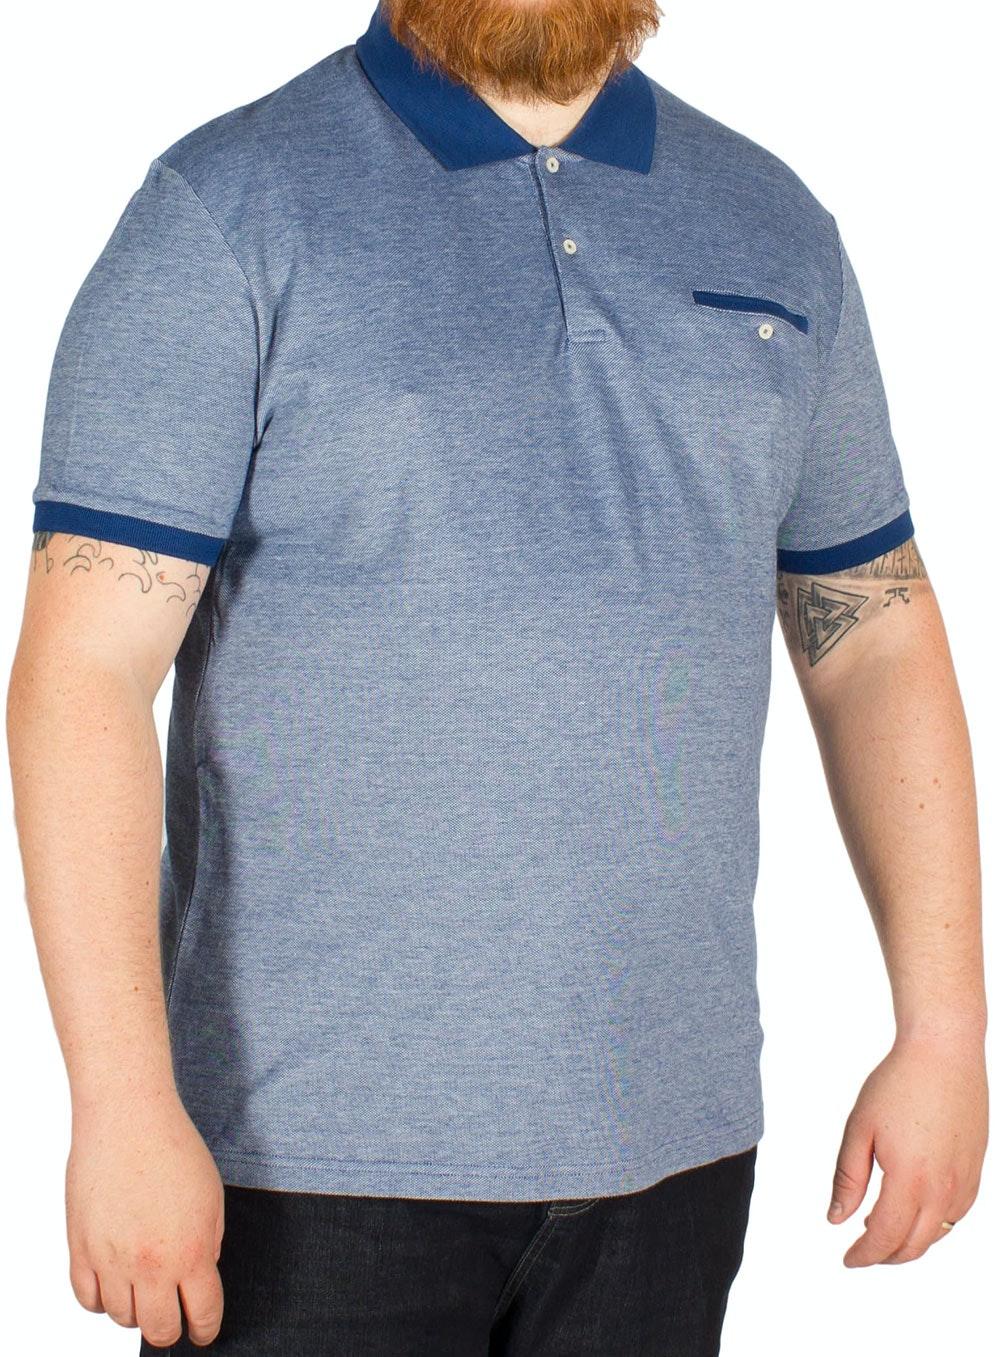 Ben Sherman Oxford Pique Polo Shirt Blue